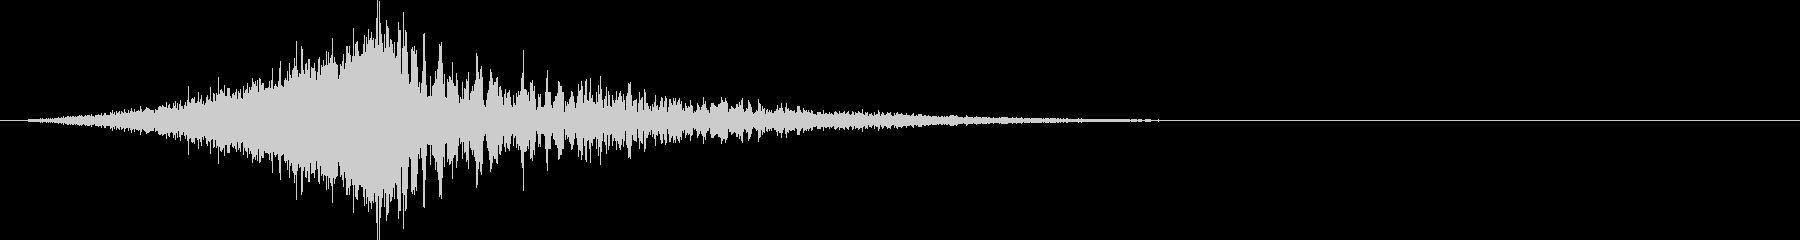 シュードカーン:上昇して爆発する音の未再生の波形